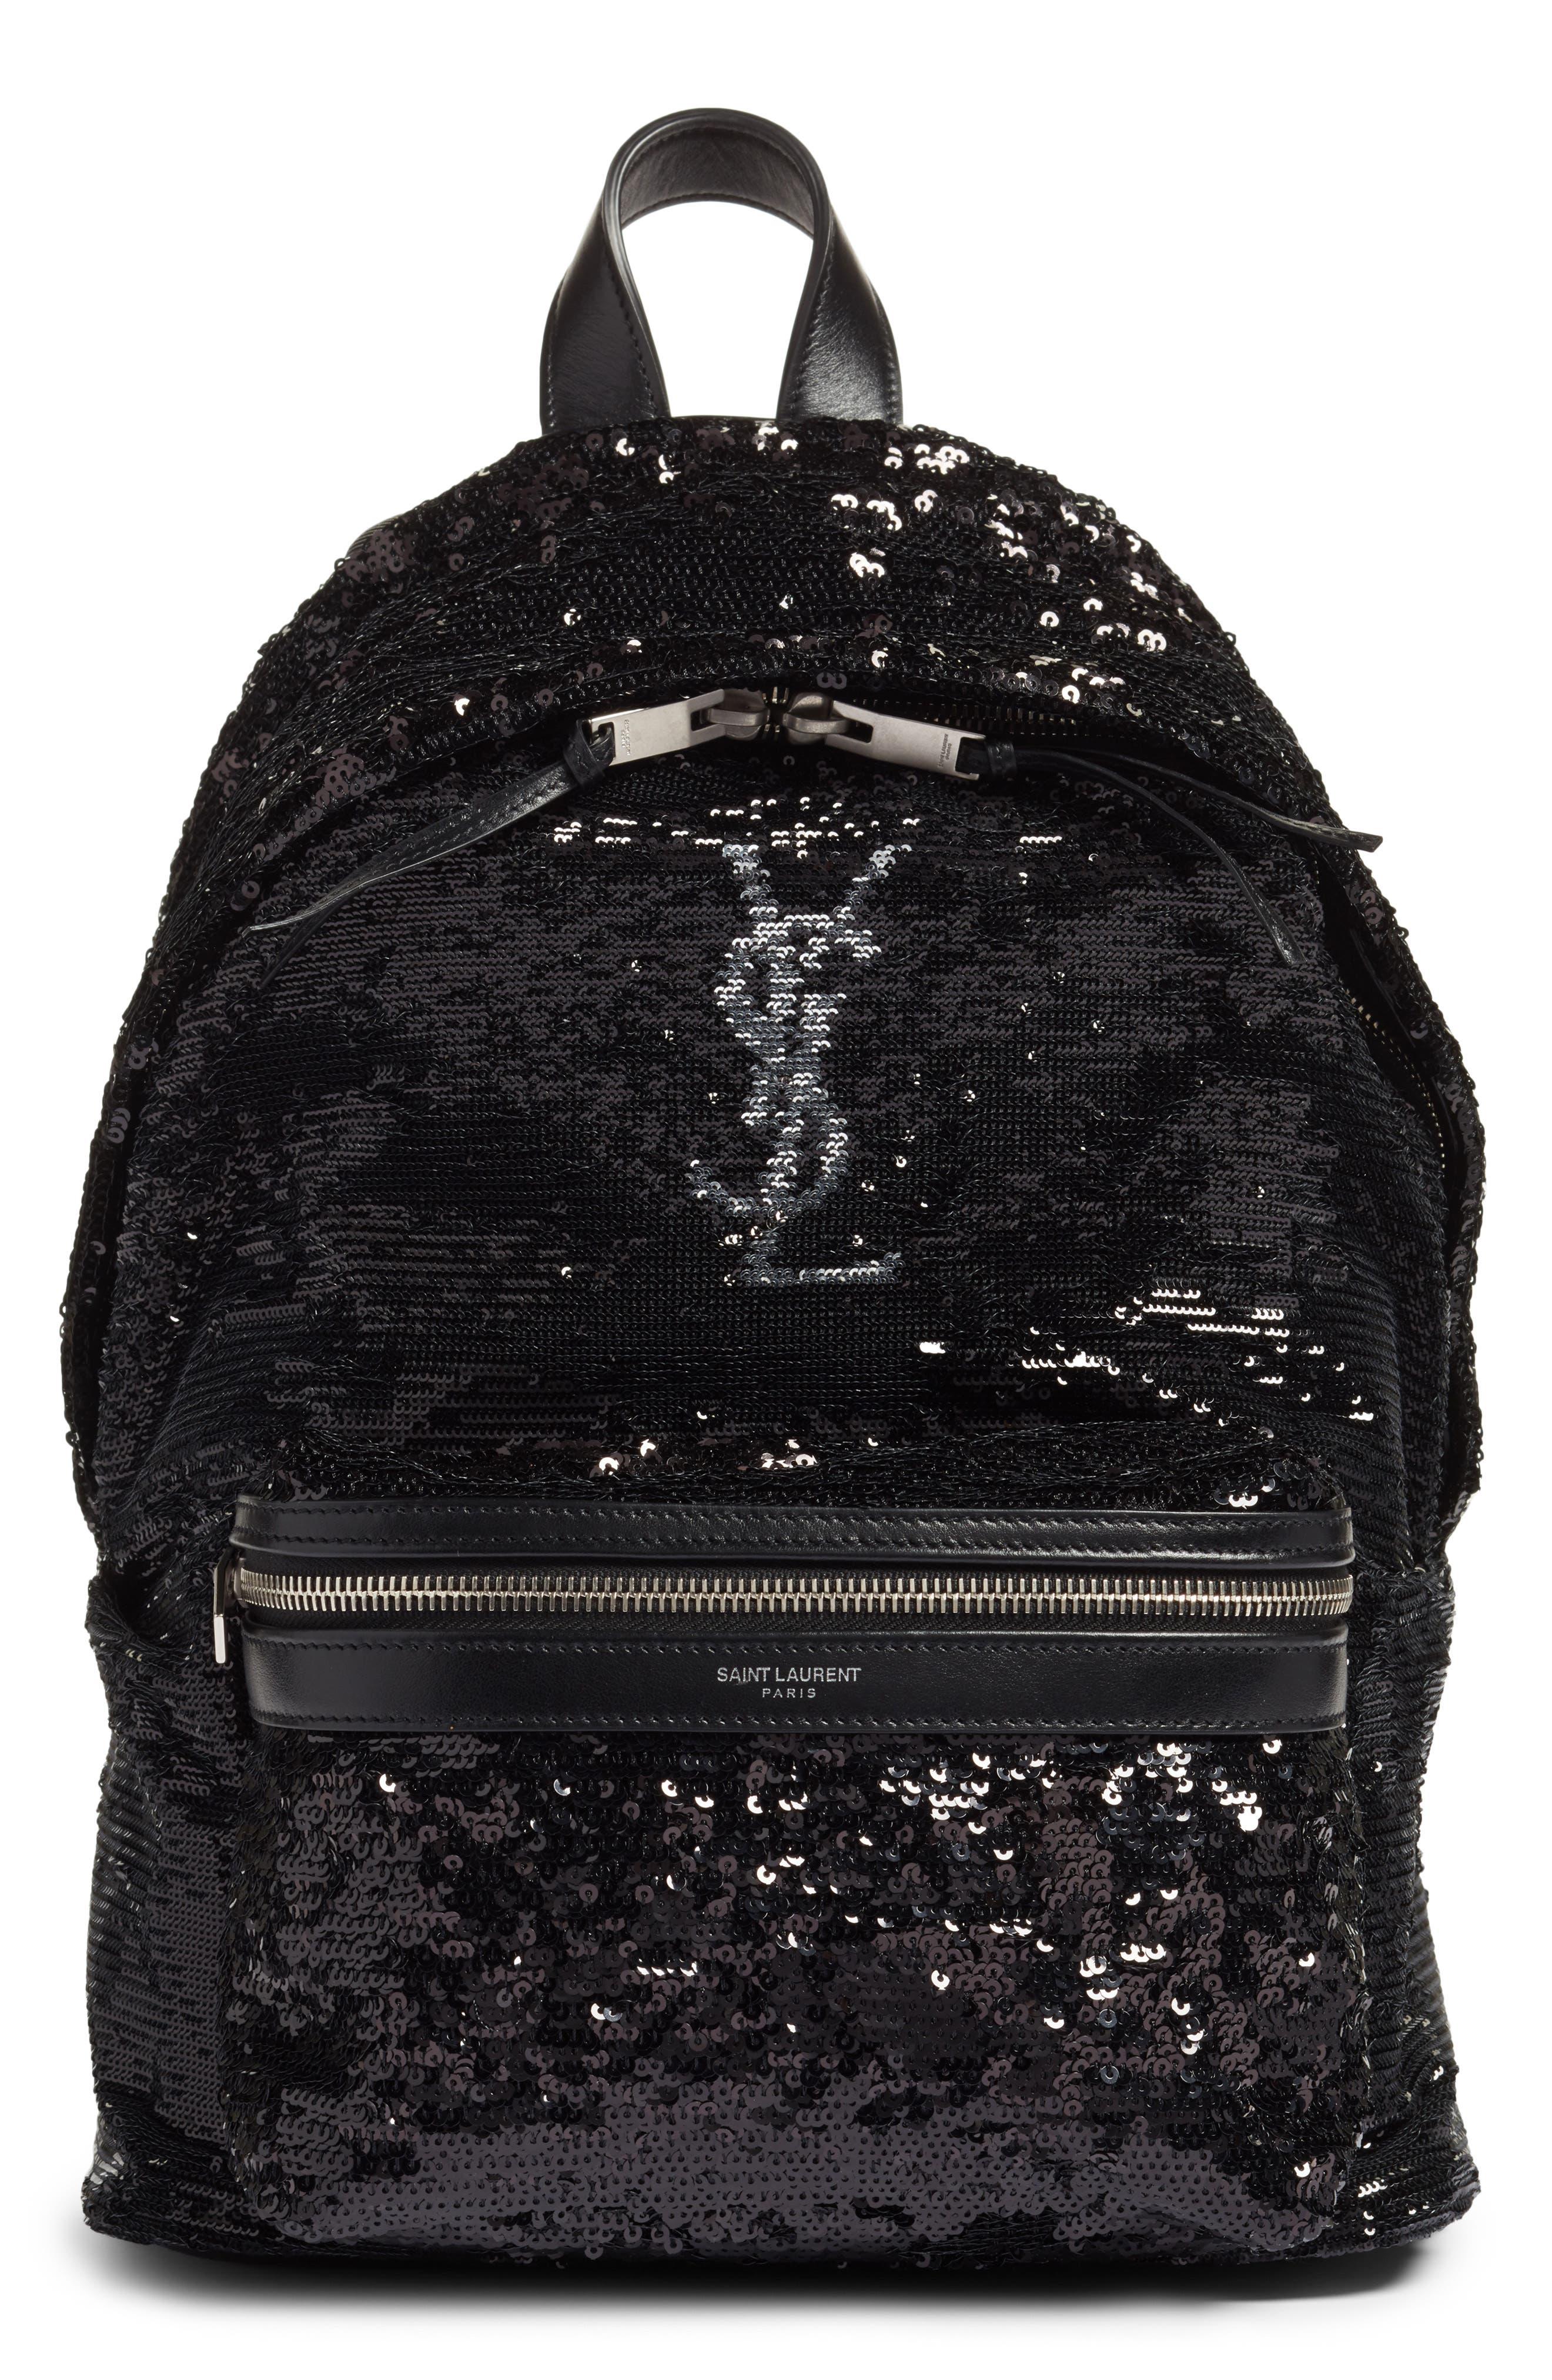 Saint Laurent Mini City Magic Paillettes Backpack